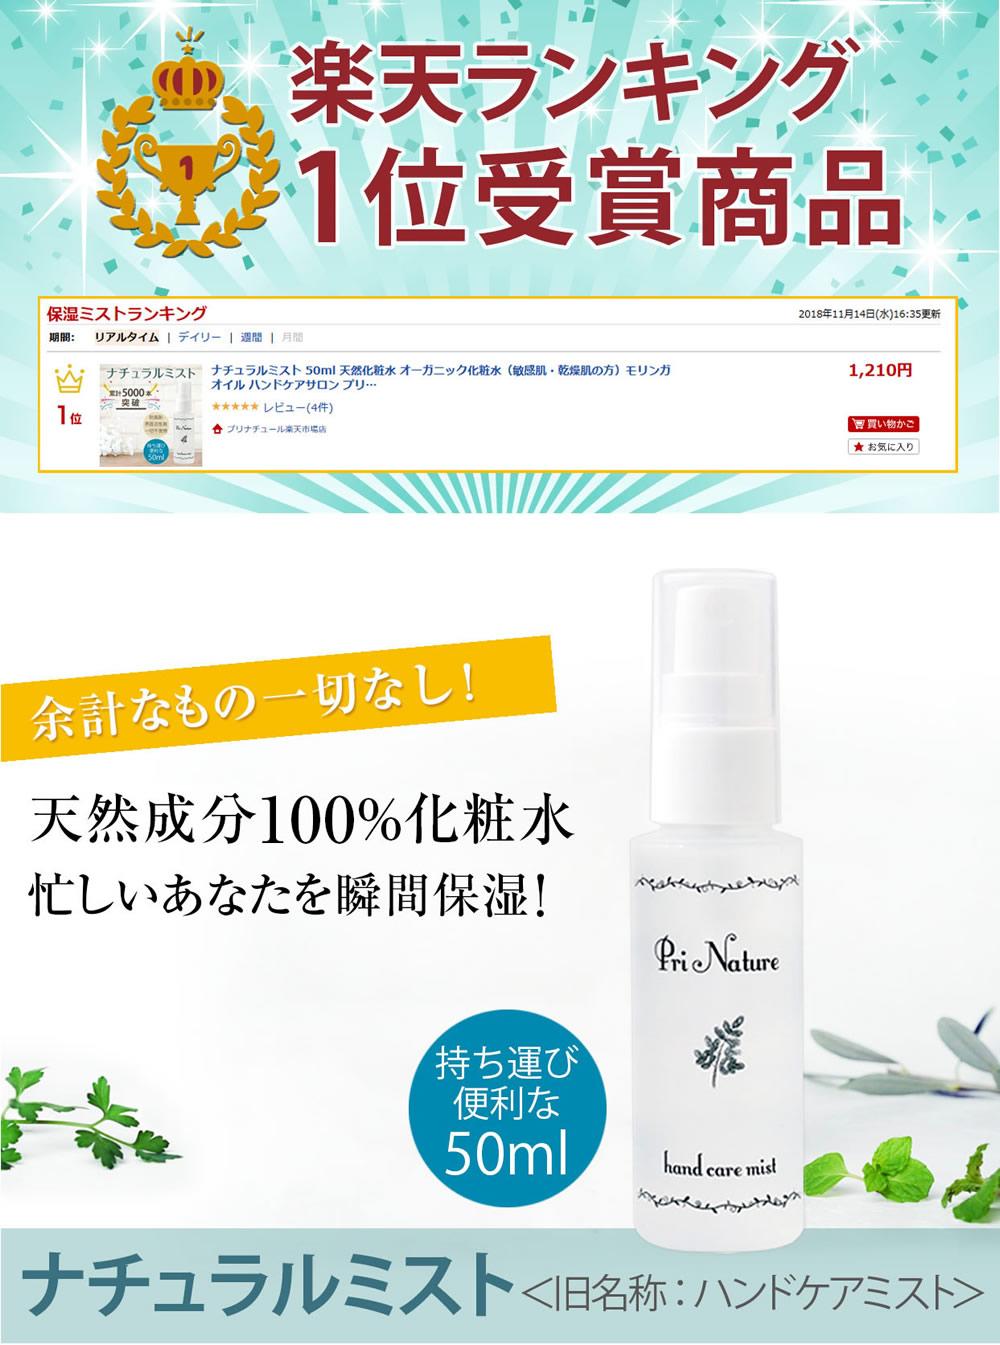 乾燥肌 化粧水 ランキング